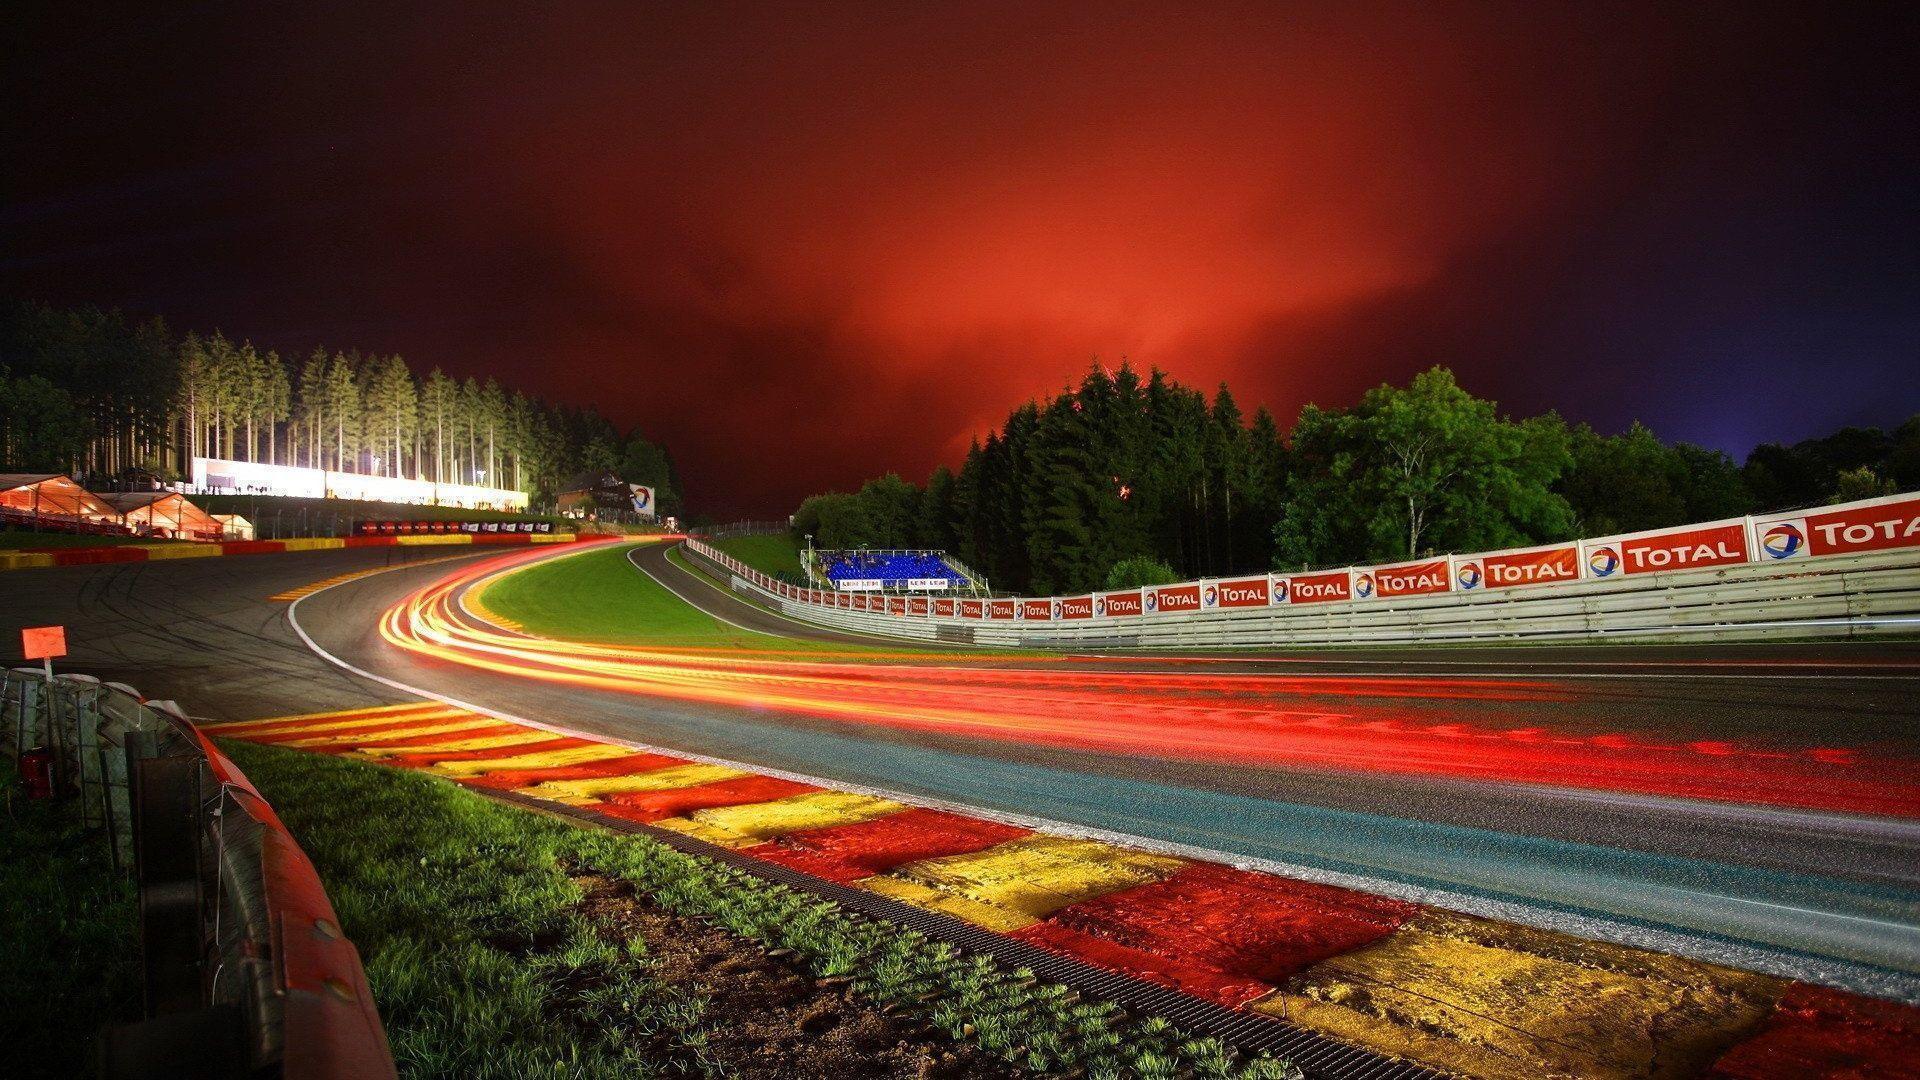 f1 track wallpaper - photo #28